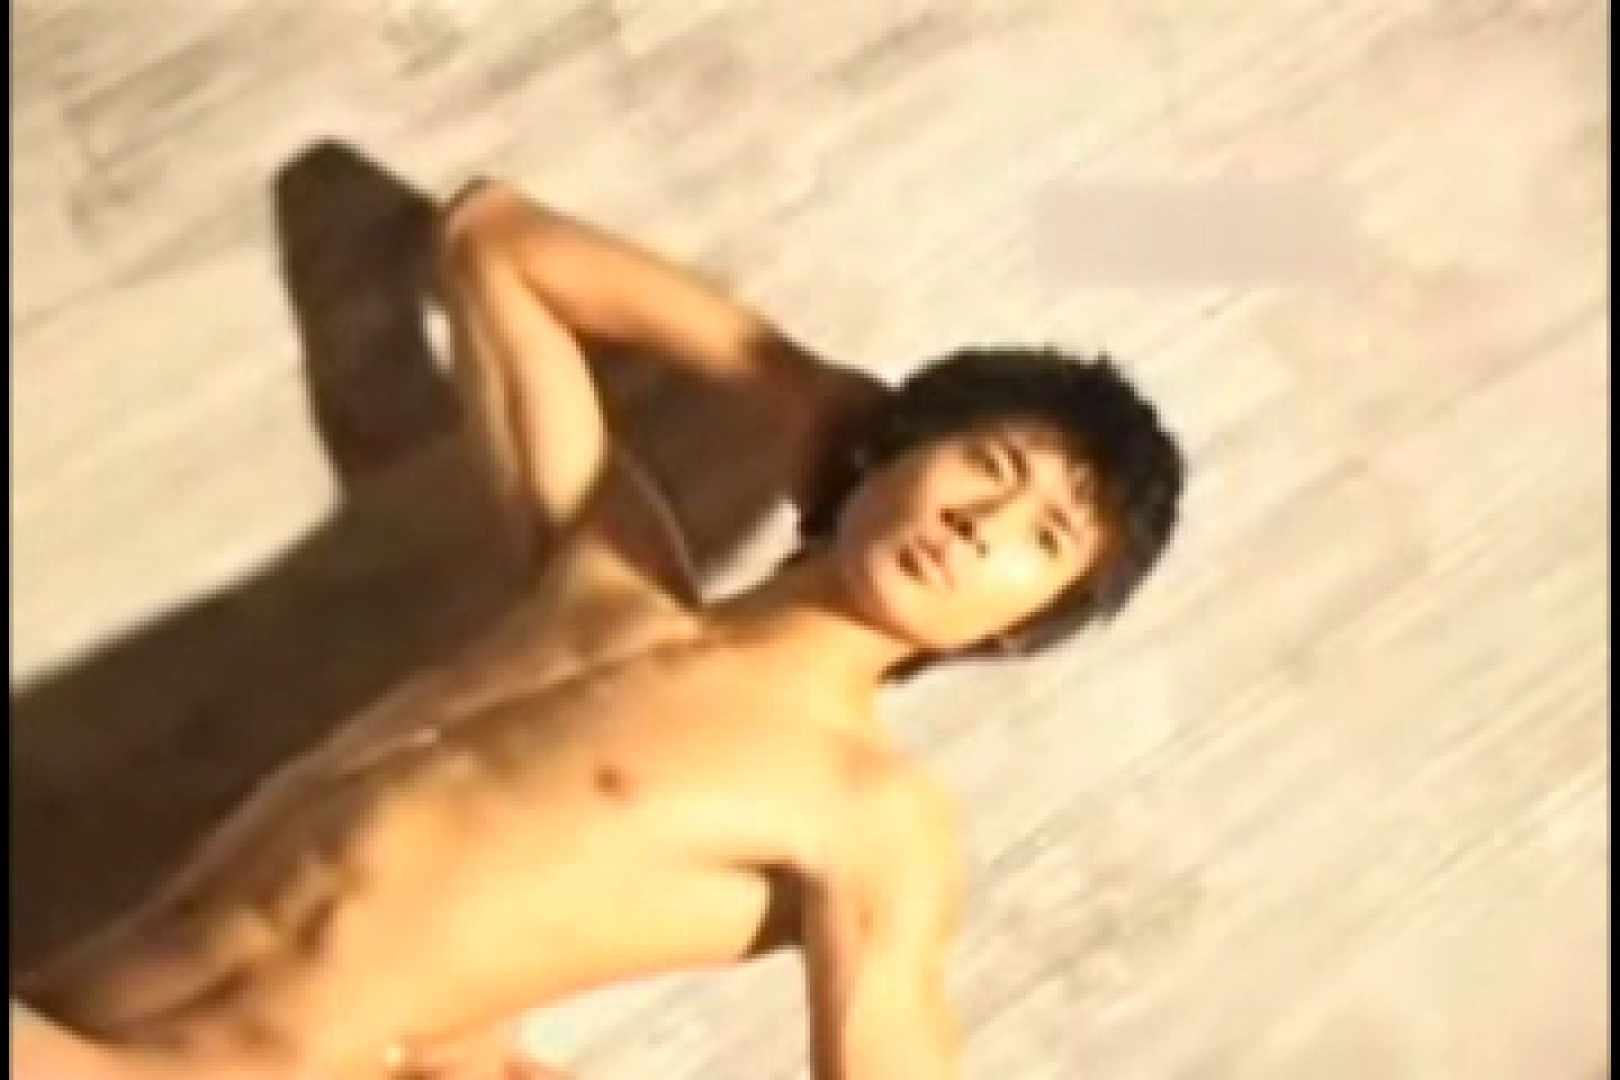 流出!!中出スーパーモデルya● jin hao 男のモデル | 肉  15枚 6